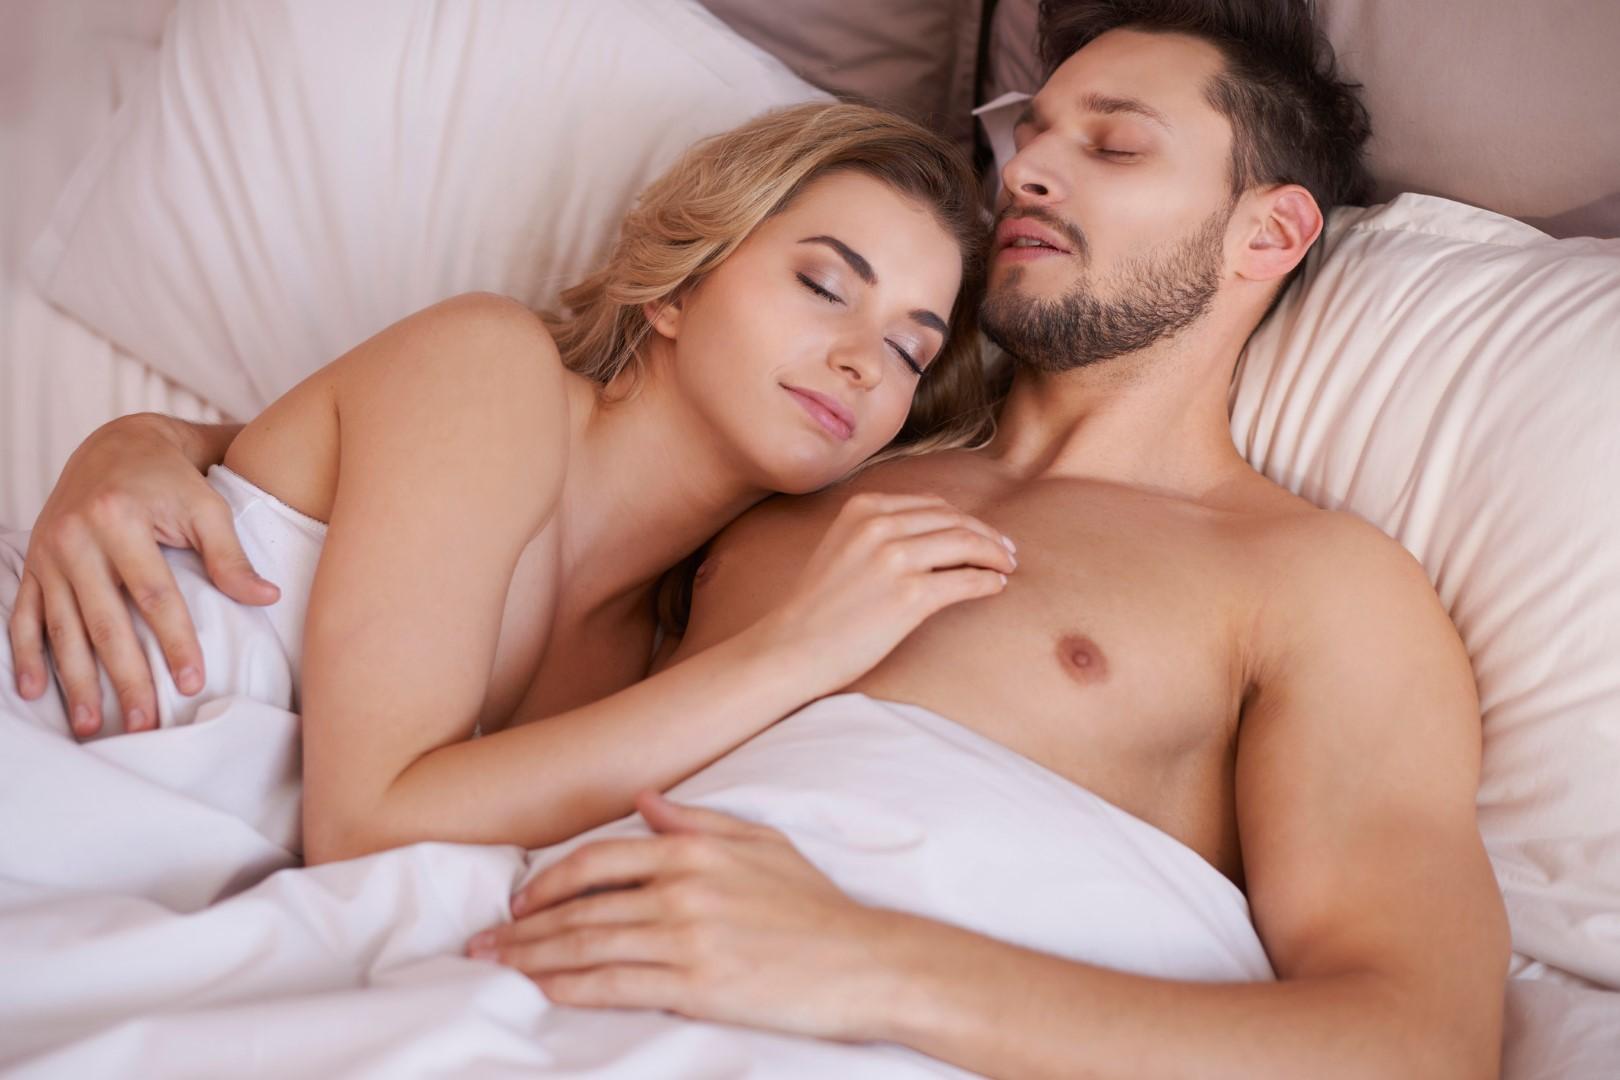 Dormire sano: meglio pigiama, biancheria o nulla del tutto?